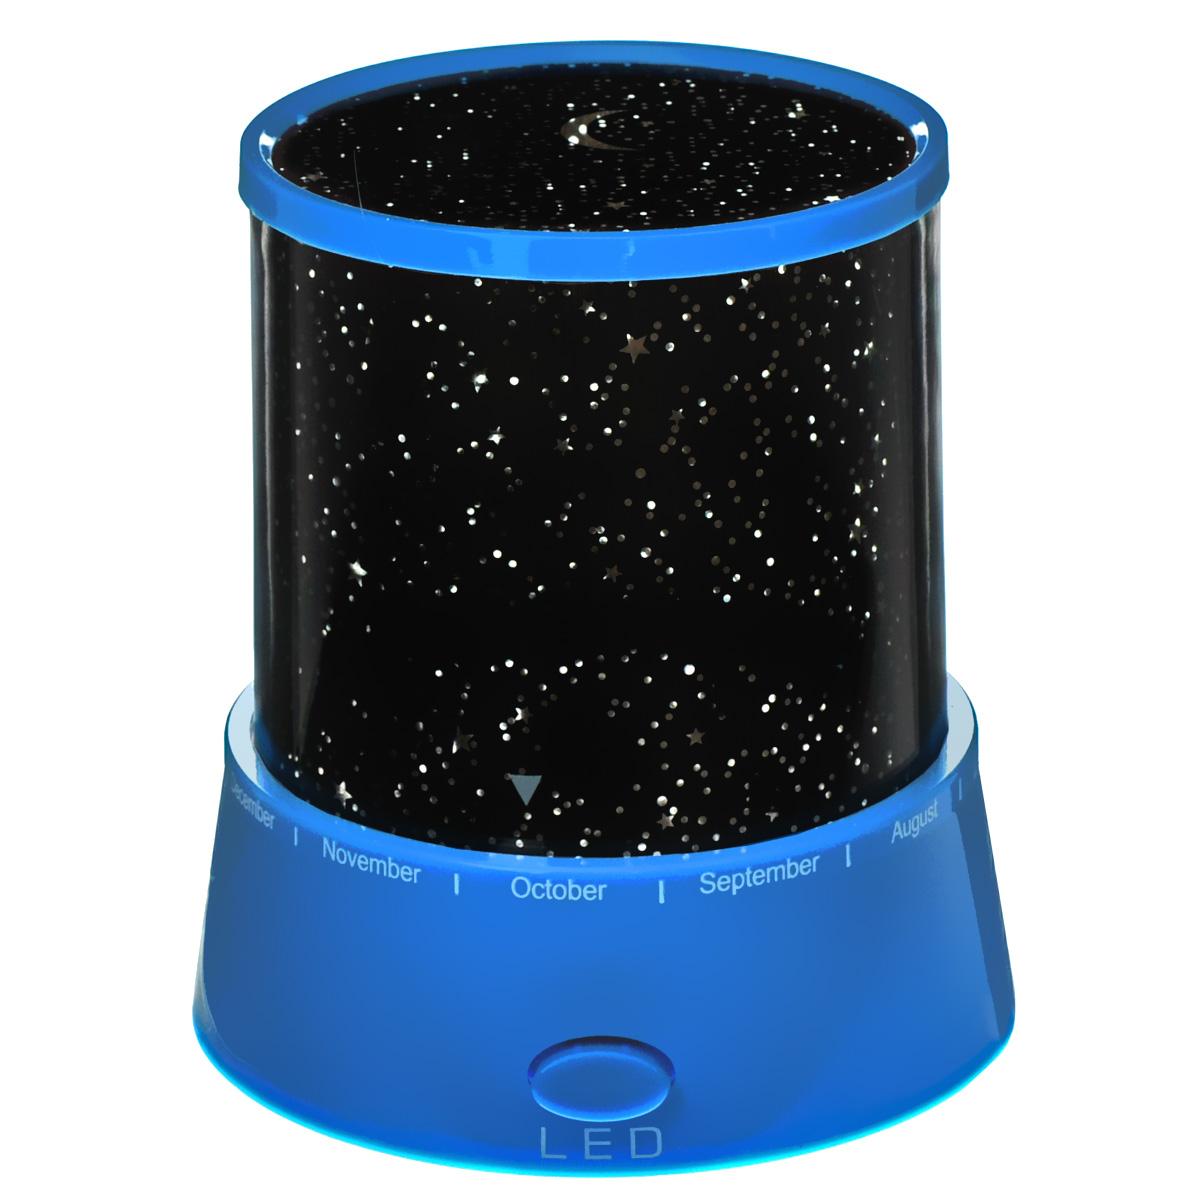 Ночник Bradex Звездное небоA3421SP-1WHНочник Bradex Звездное небо привнесет в Вашу жизнь романтику и позволит любоваться красотой звездного неба, не выходя из дома. Ночник Звездное небо - это не только осветительный прибор и предмет декора, но и украшение Вашей комнаты, которое превращает ее в волшебную сказку. Ночник имеет несколько вариантов подсветки, имитирующих звездное небо: бледно-желтая подсветка, красная, зеленая и синяя подсветка, которые меняются при переключении специальной кнопки, расположенной на базе ночника. Минимальные размеры позволяют использовать по максимуму пространство даже самой крошечной детской. Устройство работает от батареек, что позволит поставить его не только в любое место в квартире, но и также взять его с собой на дачу или в путешествие. Такой ночник идеально подойдет для детской комнаты и поможет без проблем уложить ребенка в кровать. Ночник не только приведет в восторг Ваших детей, но и станет прекрасным дополнением к романтическому ужину. Работает от 3 батареек типа АА (в комплект не входят).